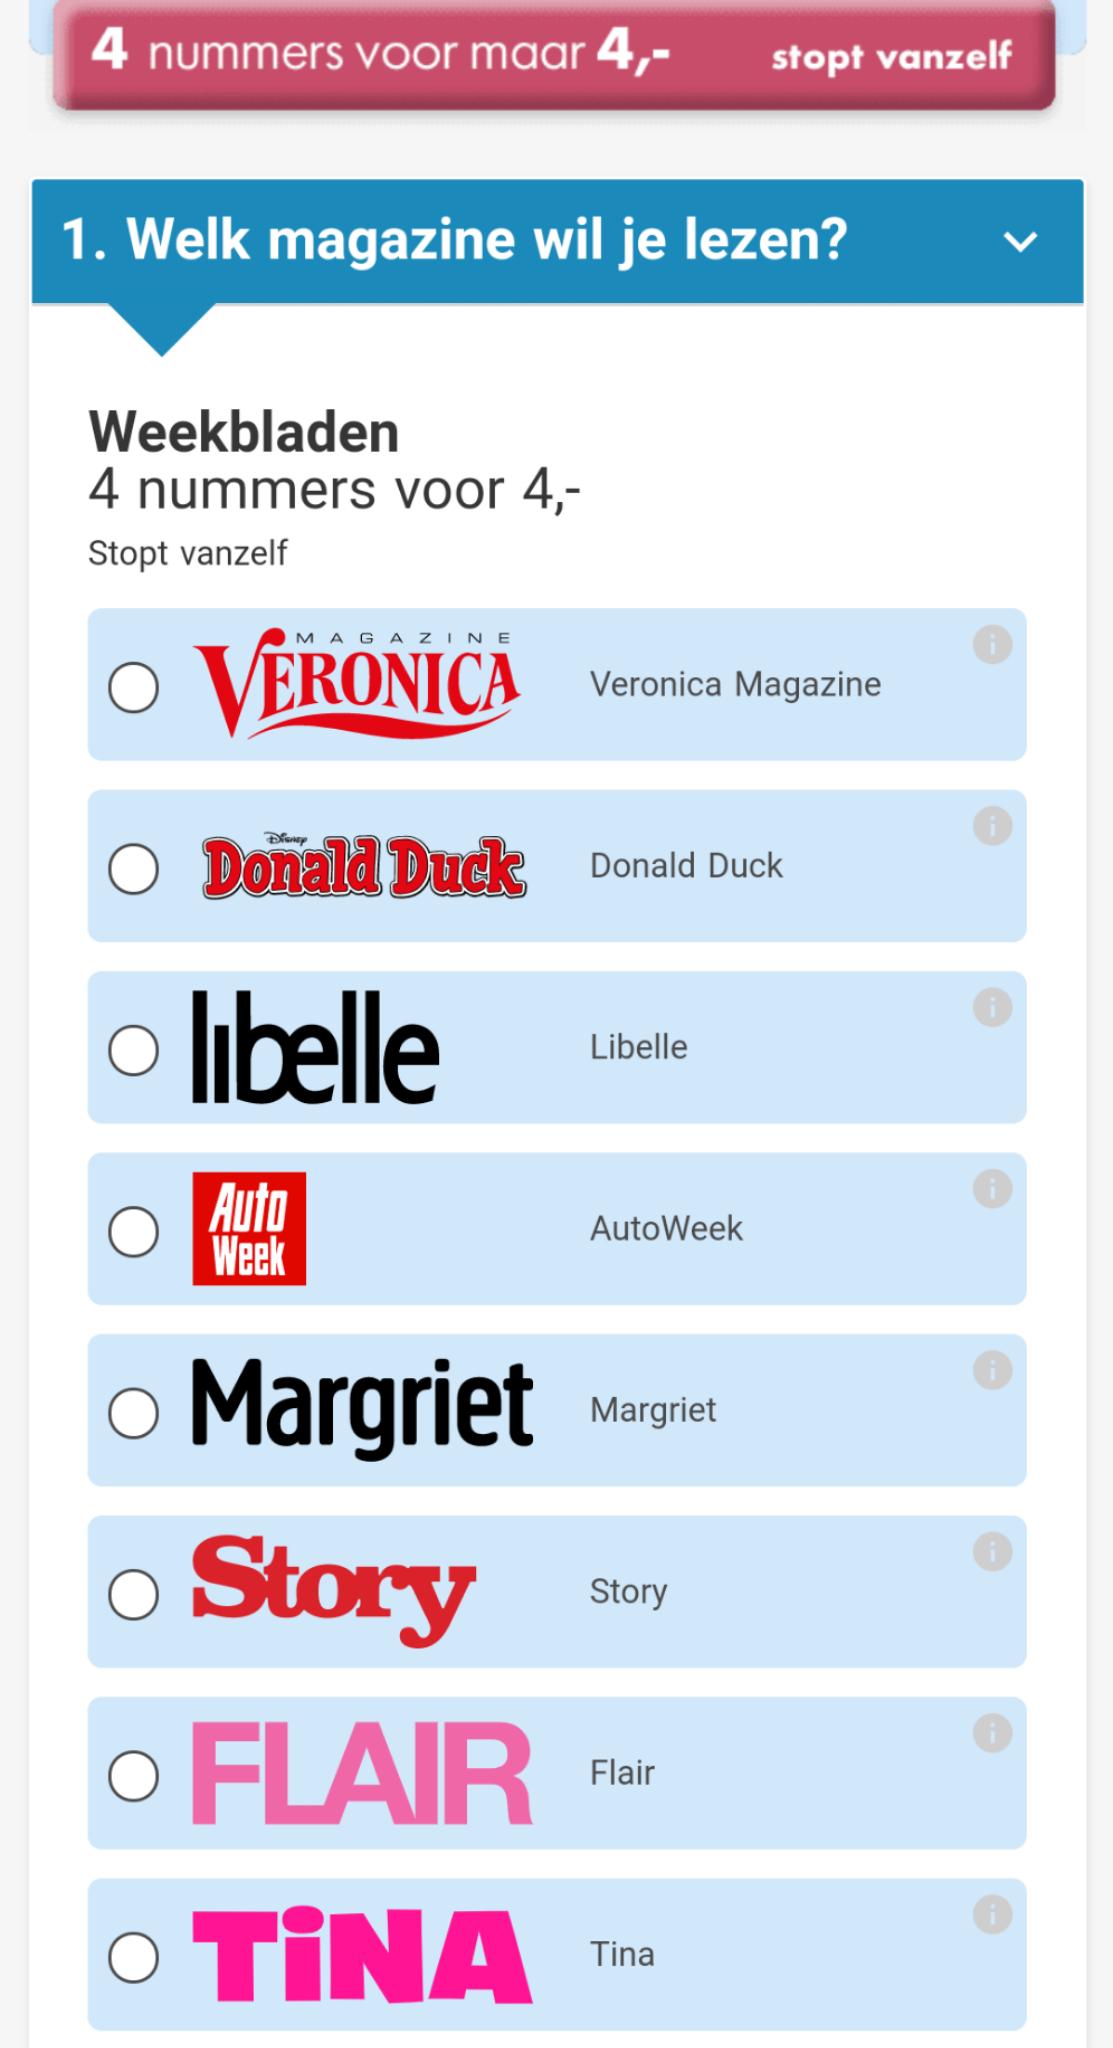 Kies je favoriete tijdschrift - 4 nummers voor €4 @ Krant.nl